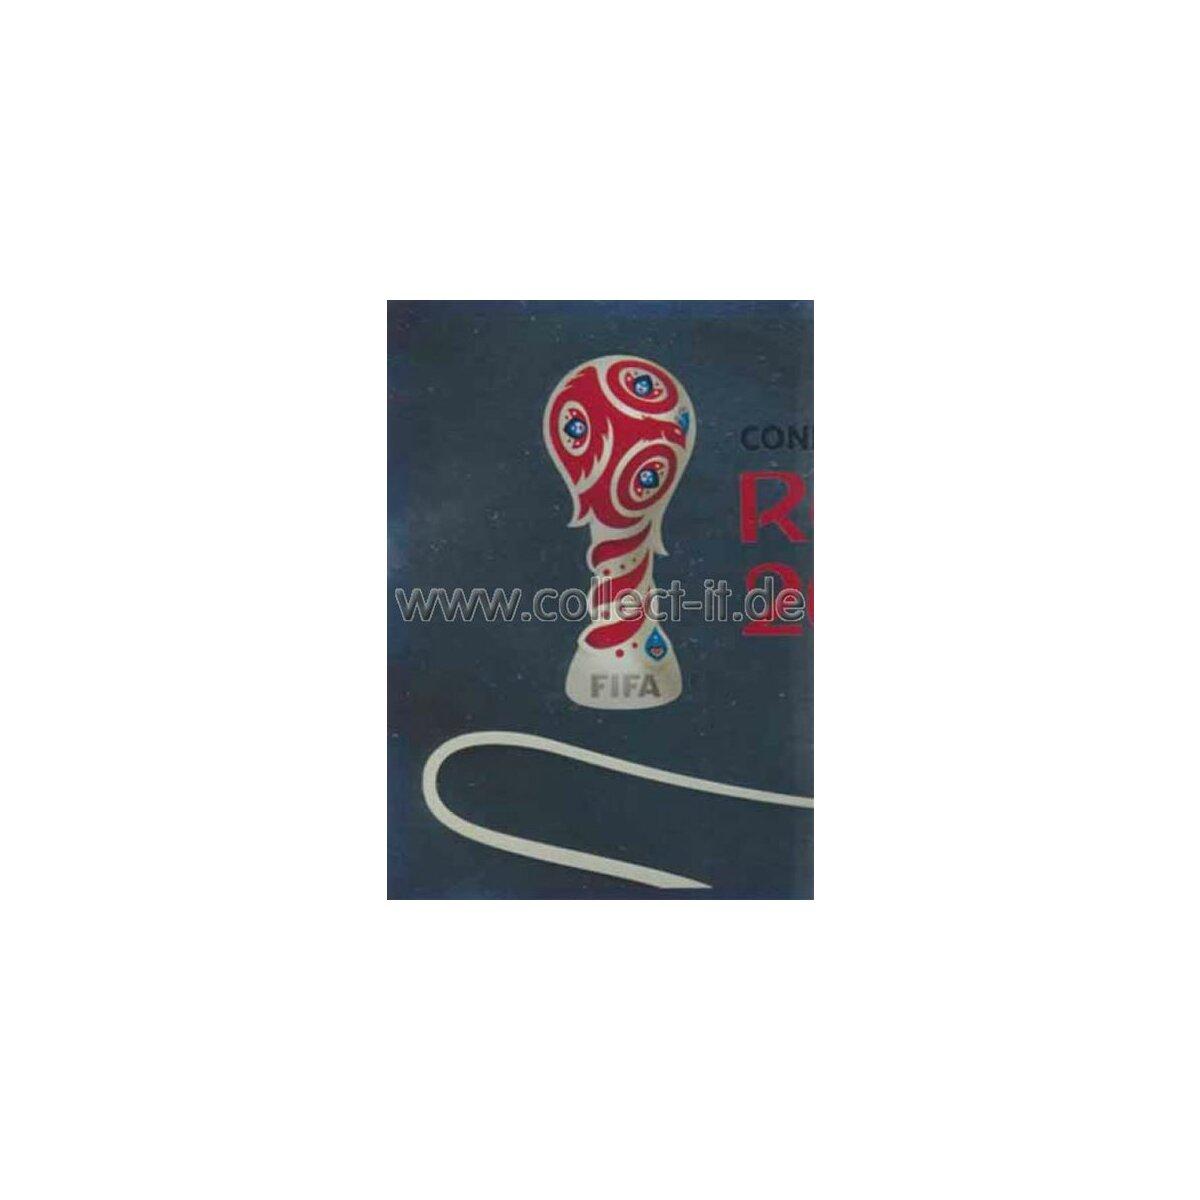 confederations cup 2017 sticker 1 offizielles logo 429